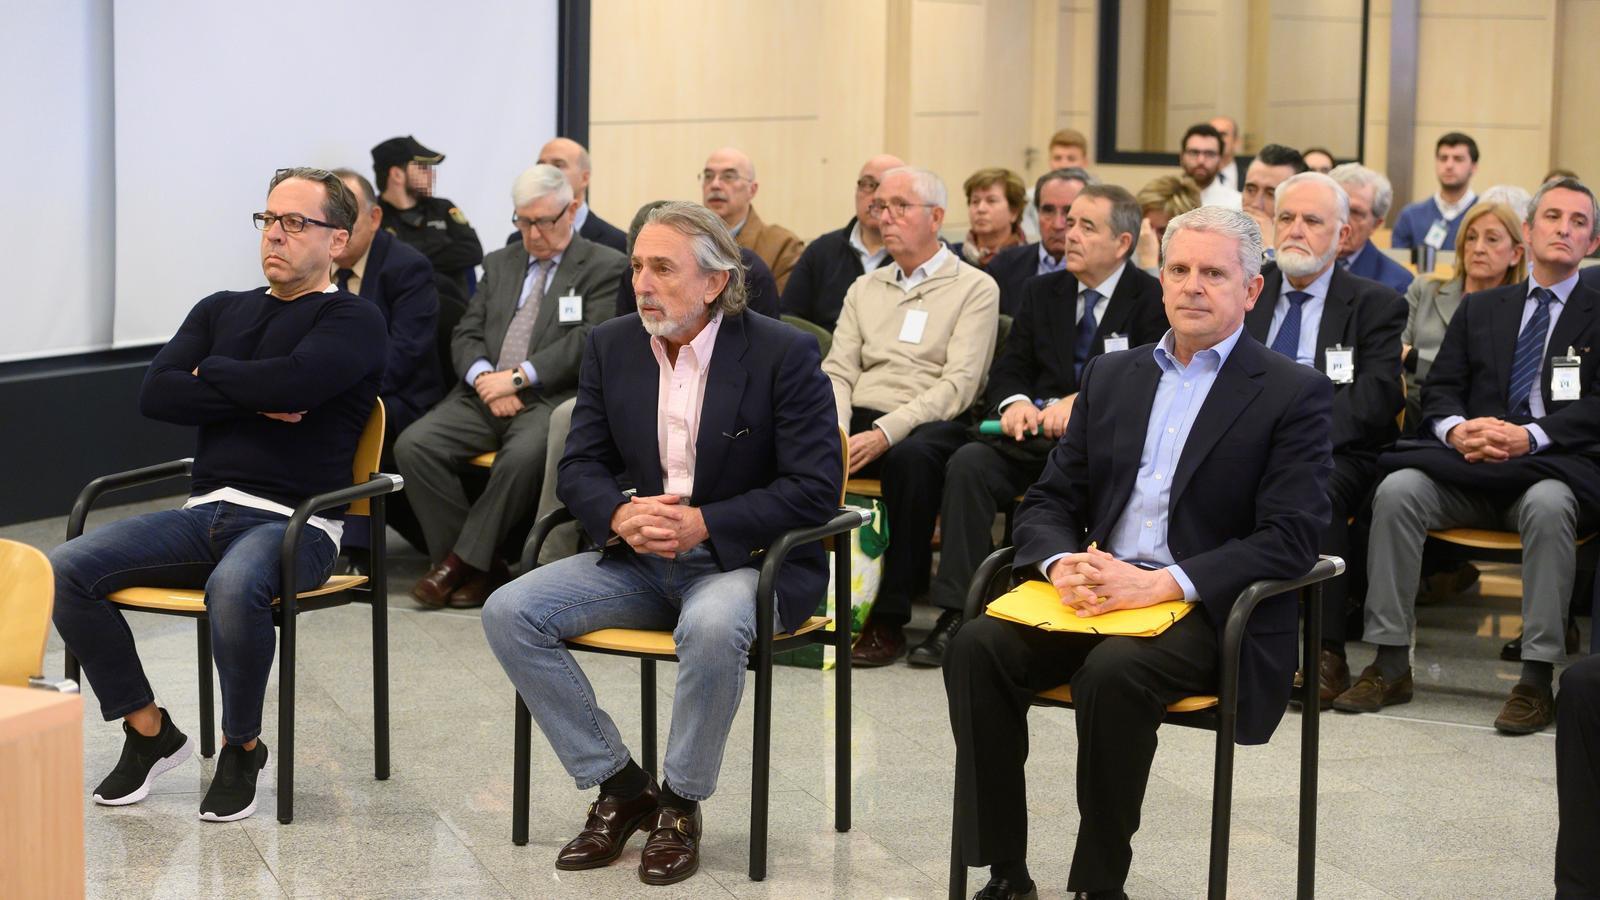 Els exdirigents de la Gürtel Álvaro Pérez (e), Francisco Correa (c) i Pablo Crespo (d) a l'inici del judici per la visita del Papa Benet XVI a València